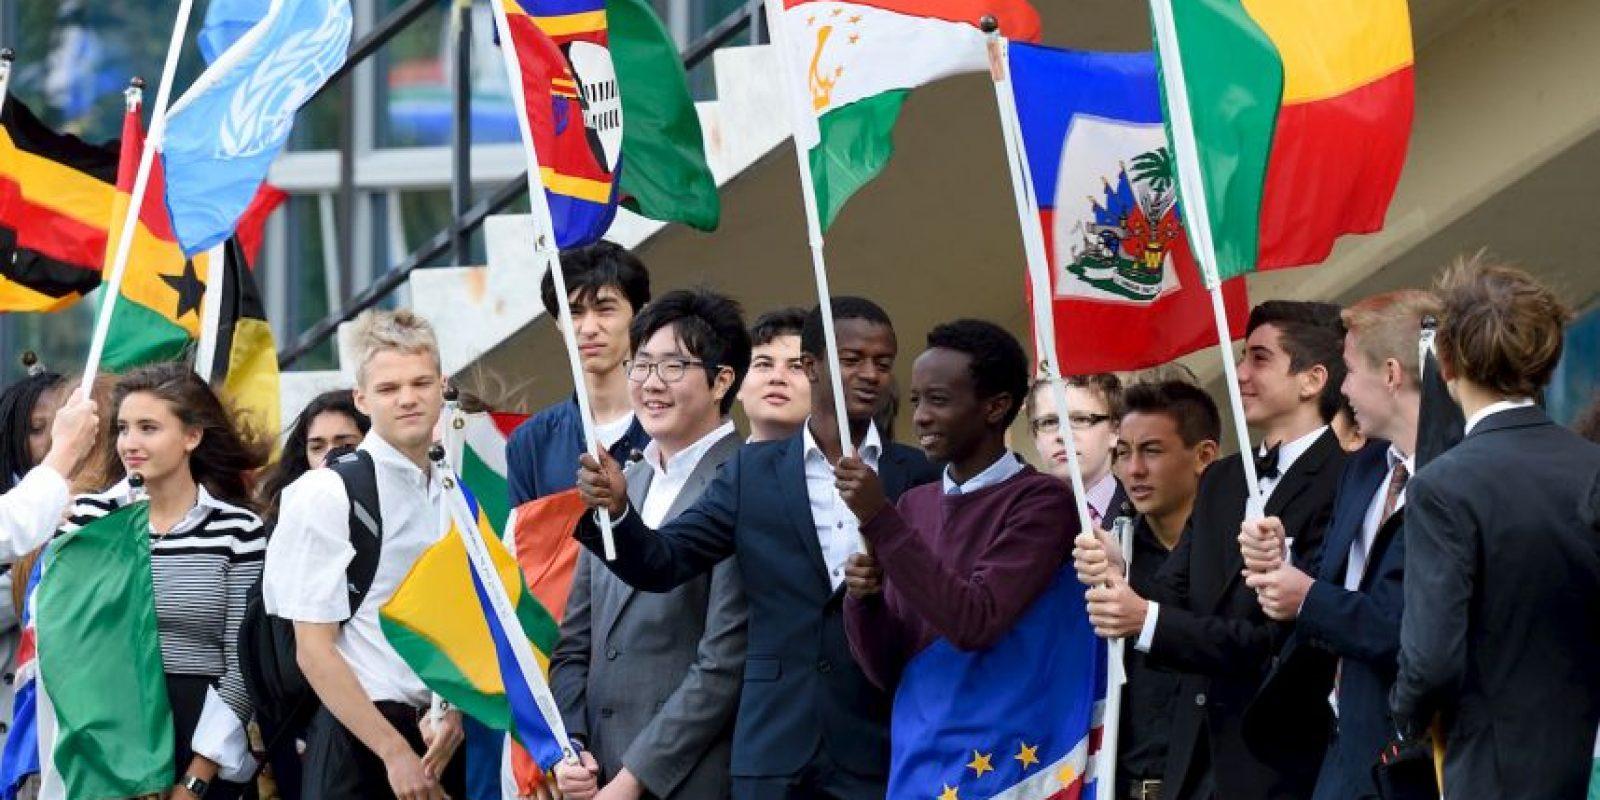 Estudiantes sostuvieron las banderas de los distintos países del mundo durante la ceremonia de la Campana de la Paz, en Nueva York Foto:AFP